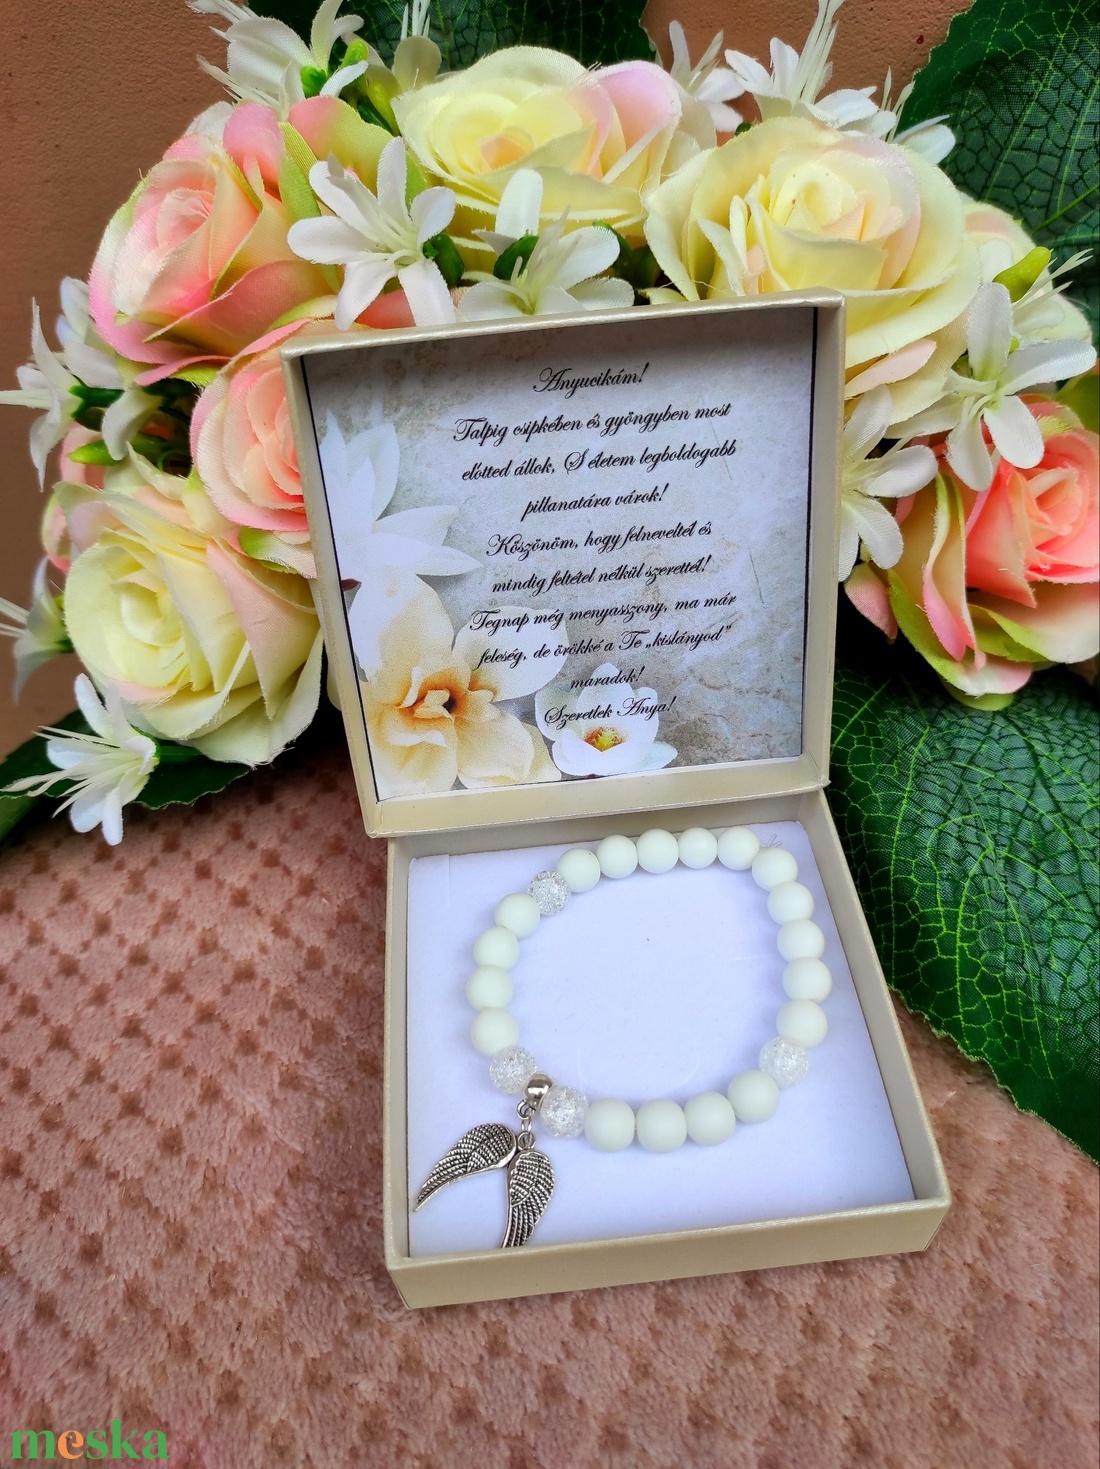 Angyalszárnyas fehér esküvői szülőköszöntő ajándék - esküvő - emlék & ajándék - szülőköszöntő ajándék - Meska.hu